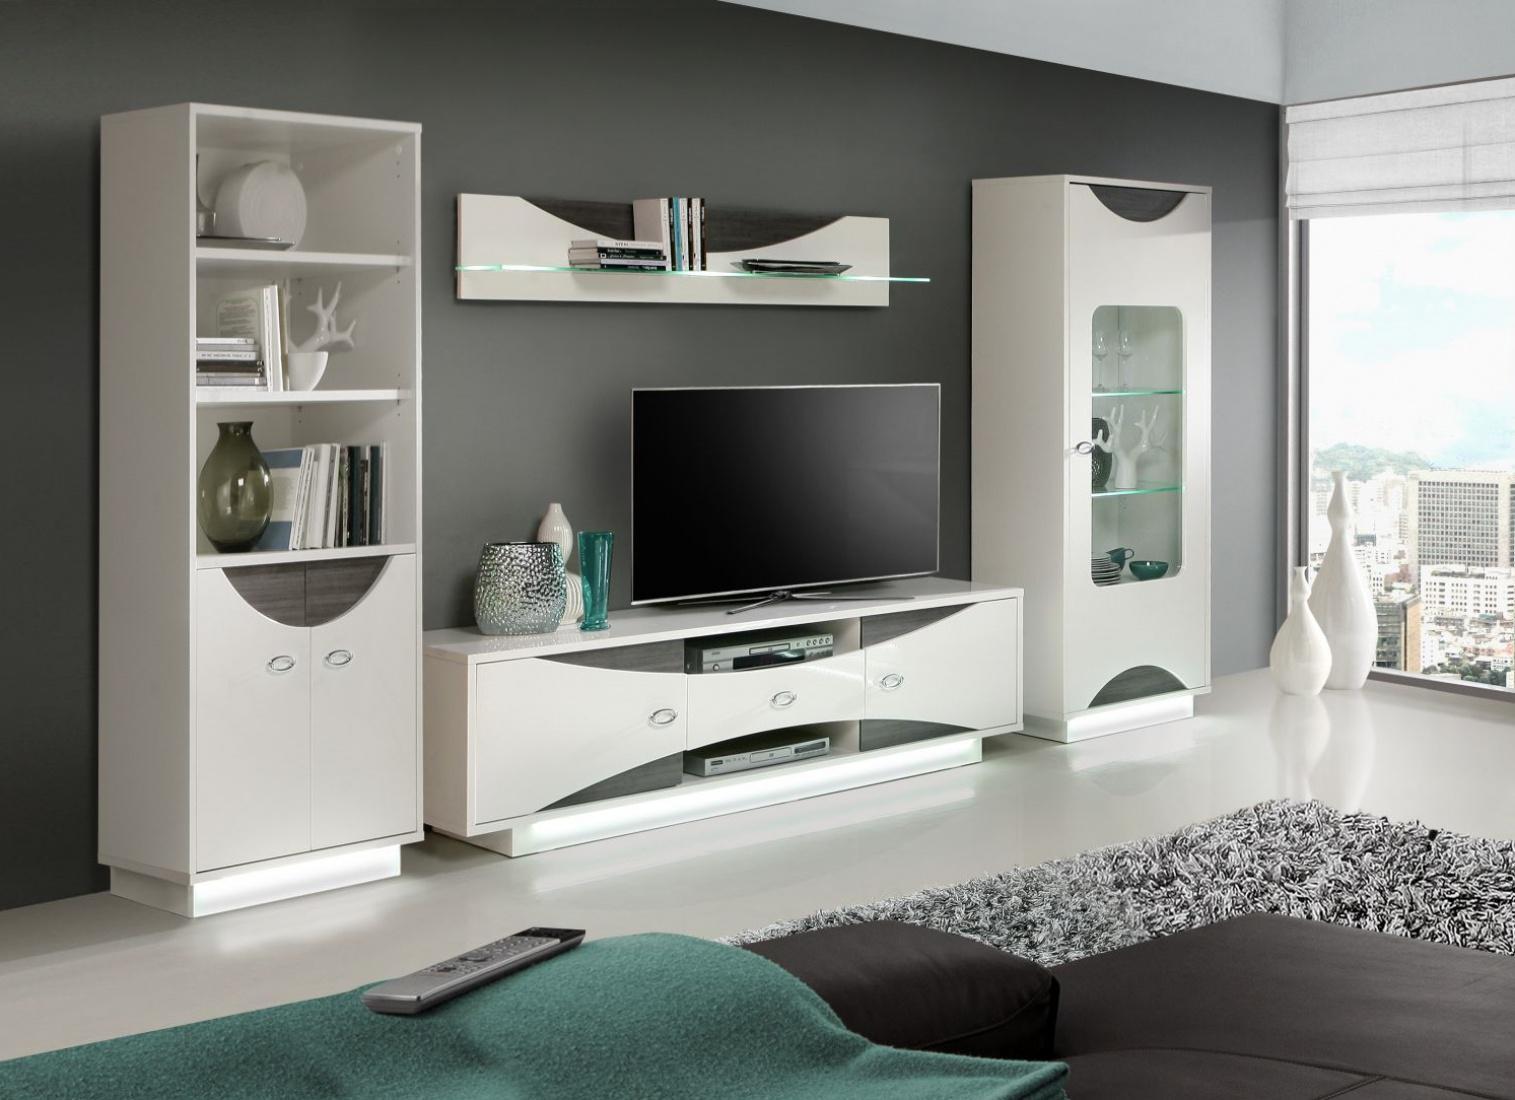 wohnwand jessica 4 teilig in uni weiss eiche grau kaufen bei m bel lux. Black Bedroom Furniture Sets. Home Design Ideas